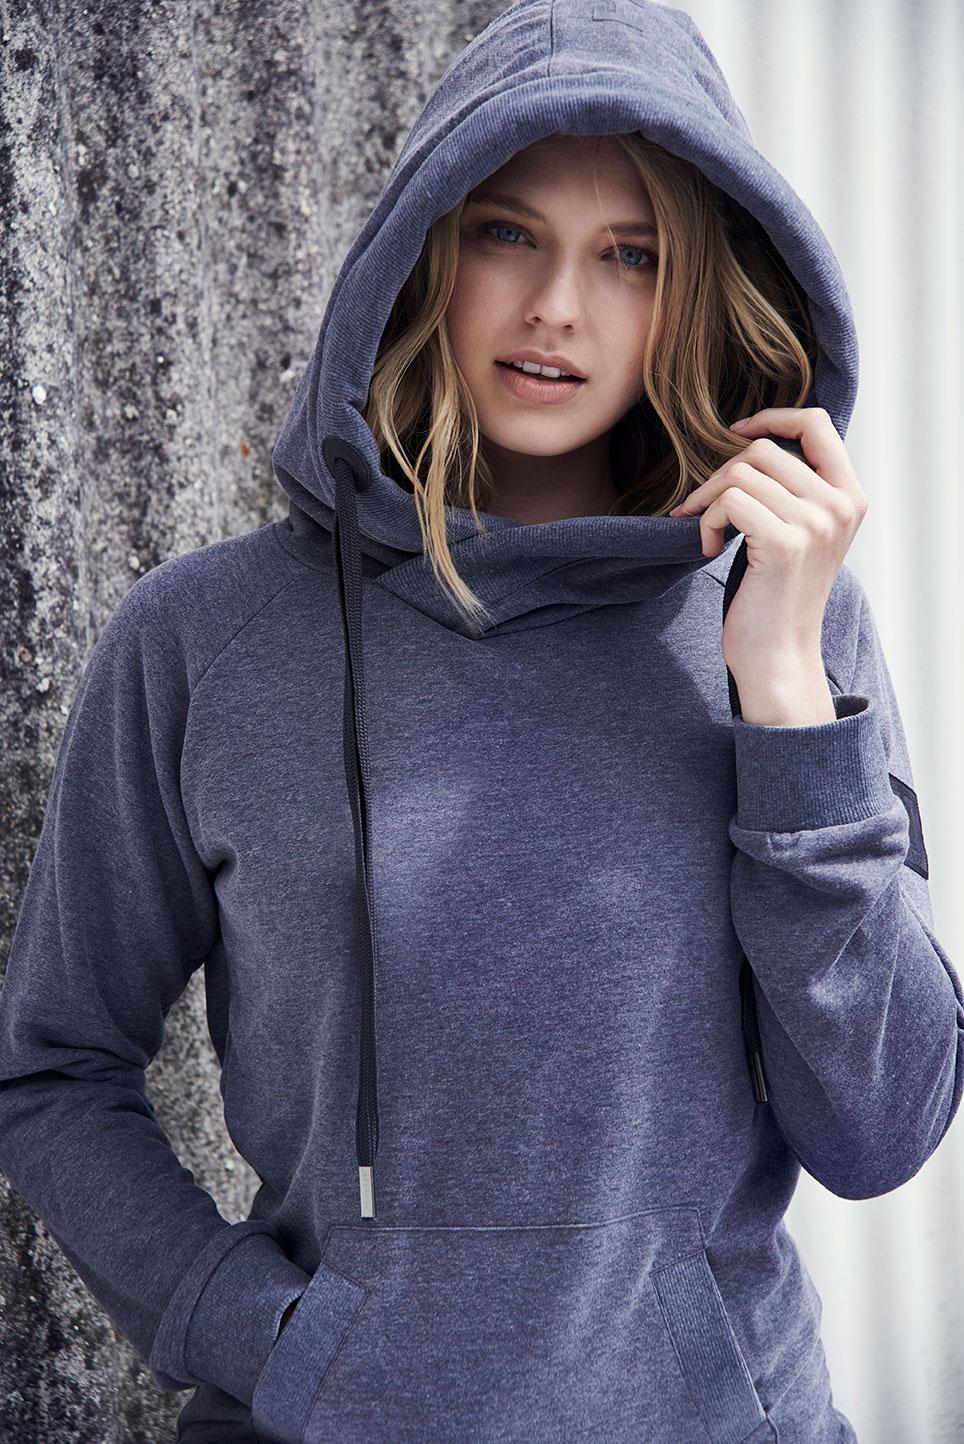 Elbsand HULDA – Kapuzensweatshirt in graublau melange und schmalem Schnitt. Schöne Rippdetails, Känguru-Tasche und lange Kordeln. Angenehm weiche Baumwollmischung.